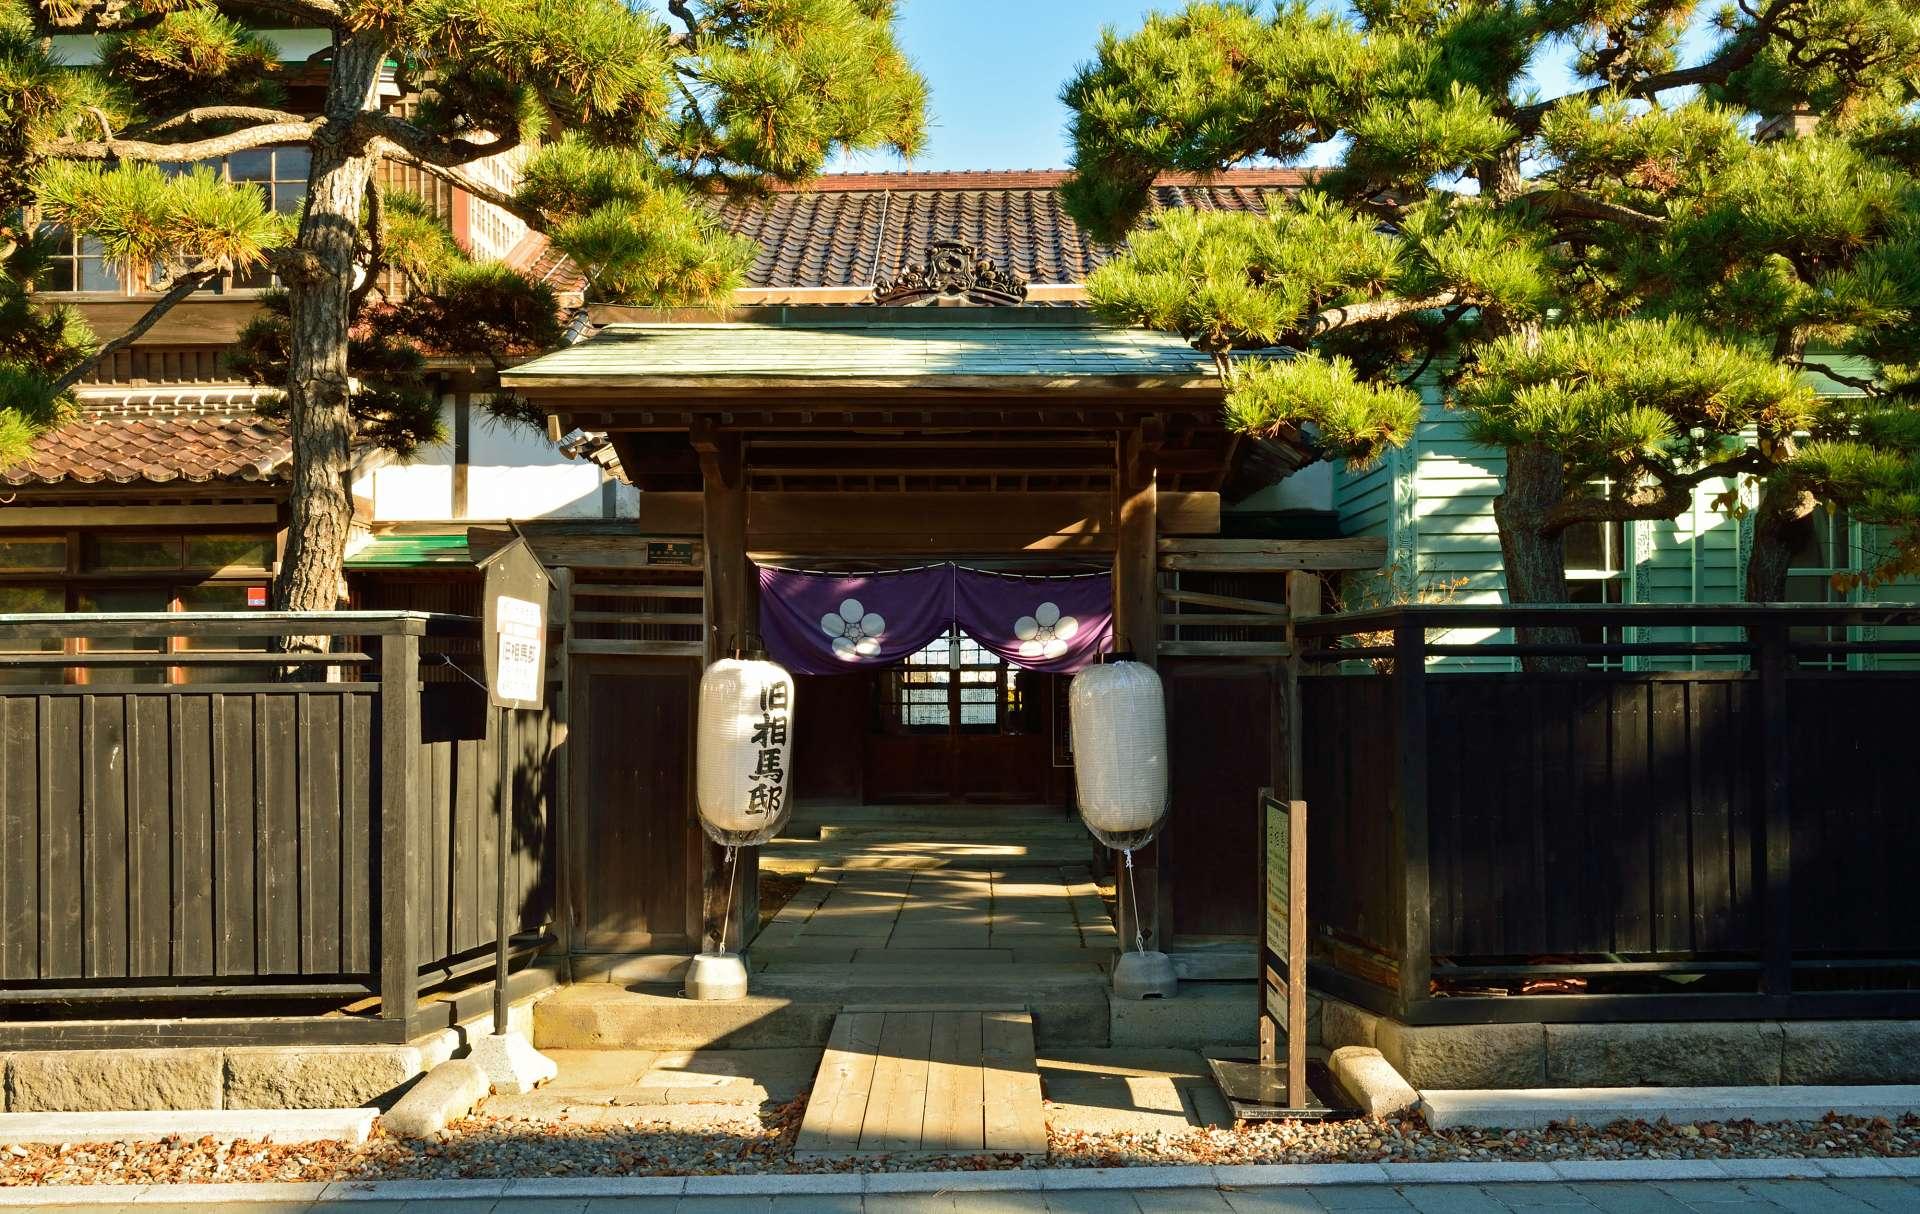 日本風格的建築 舊相馬宅邸